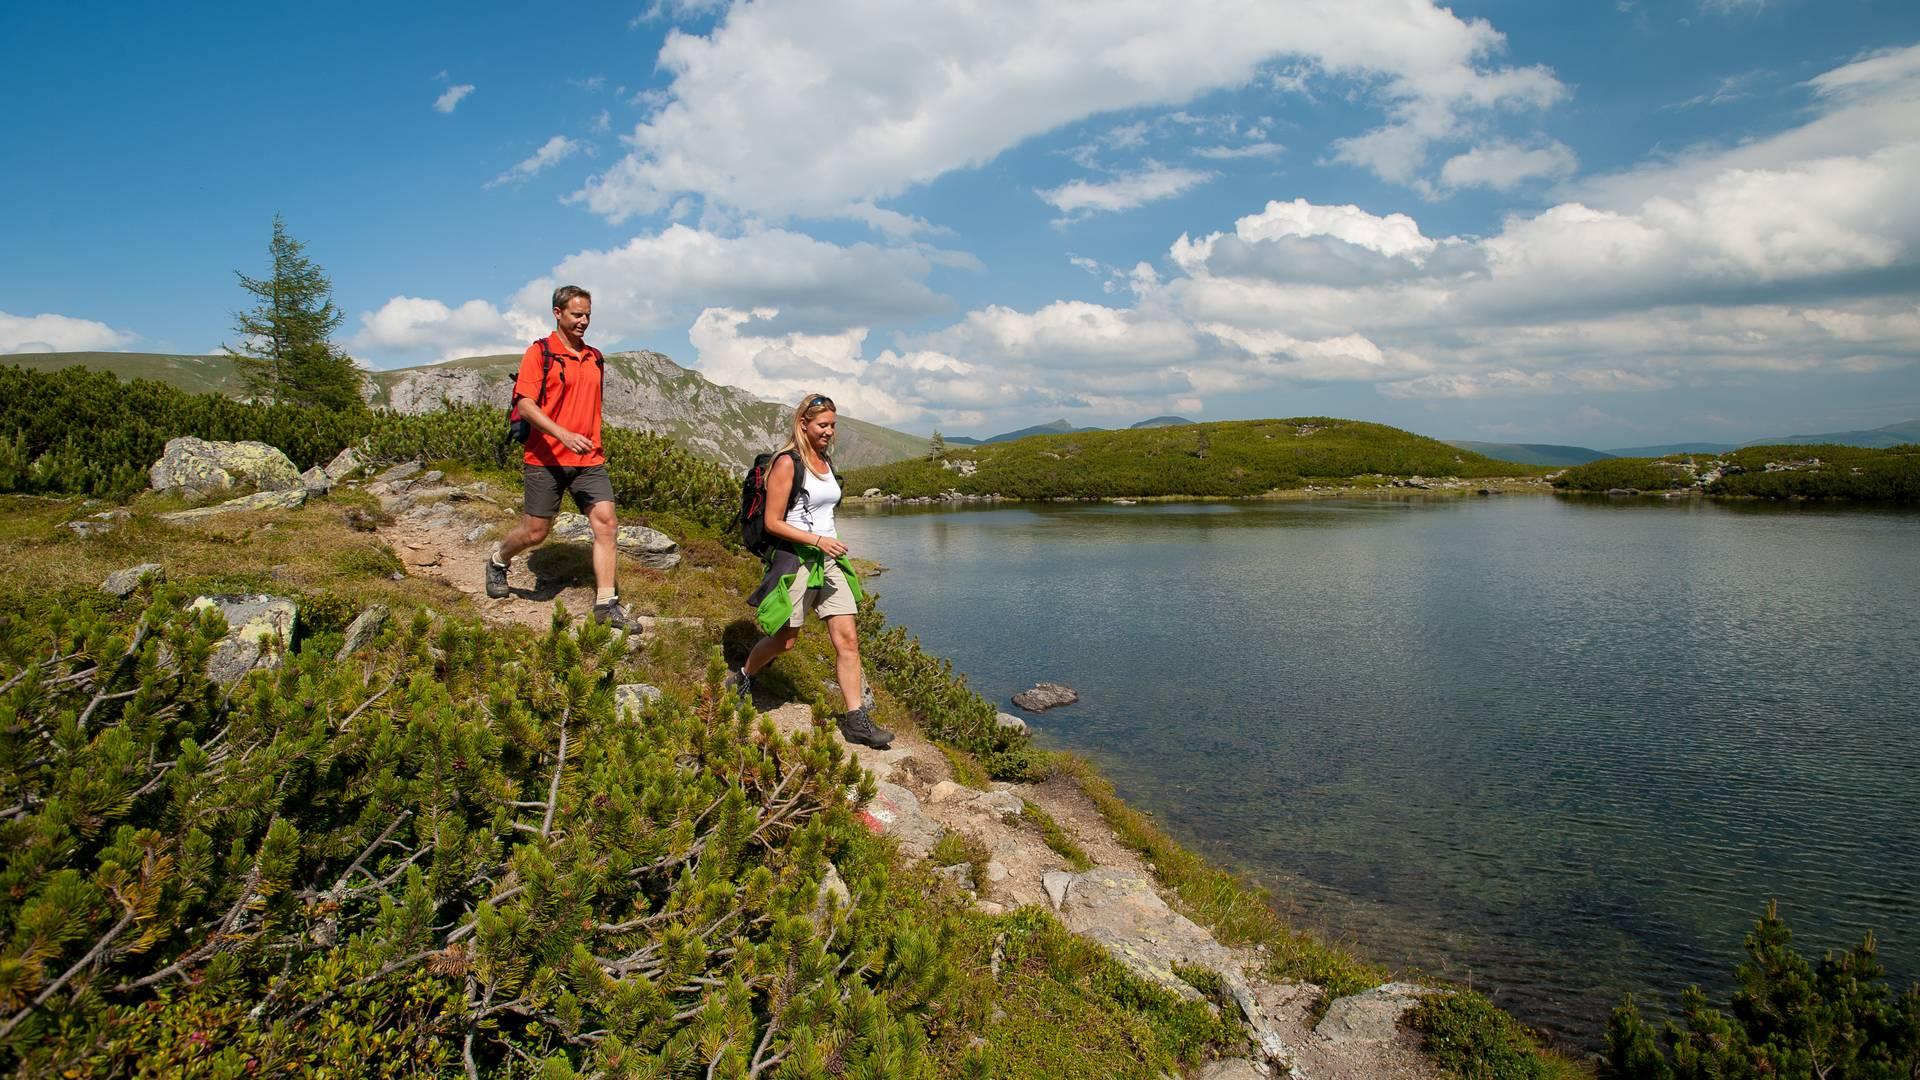 Alpe-Adria-Trail E15 Nassbodensee im Biosphaerenpark Nockberge